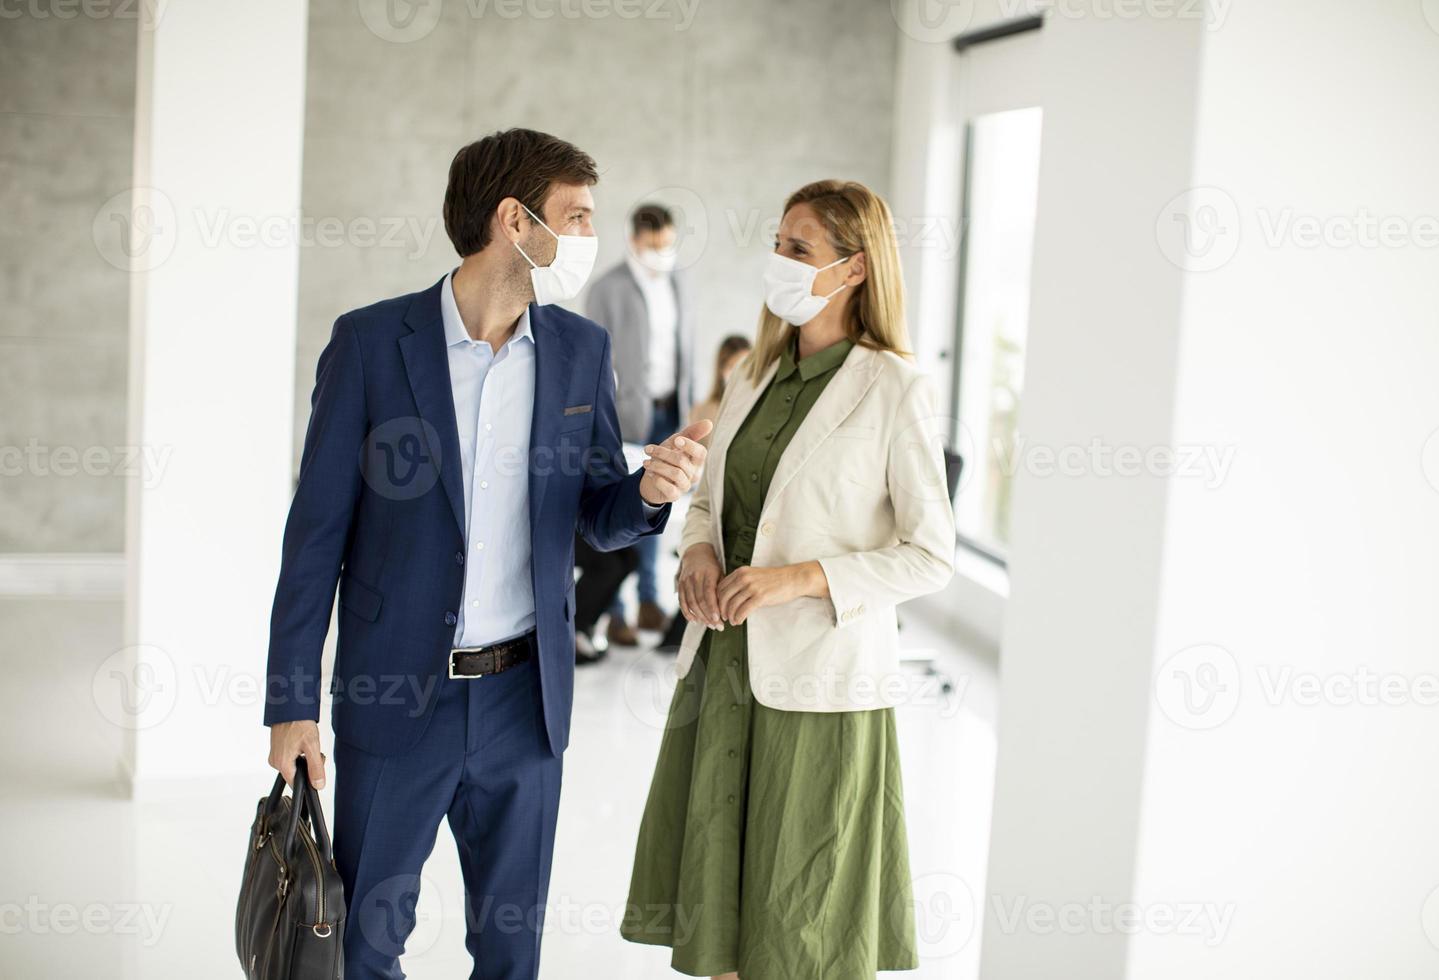 deux professionnels masqués marchant dans un bureau photo